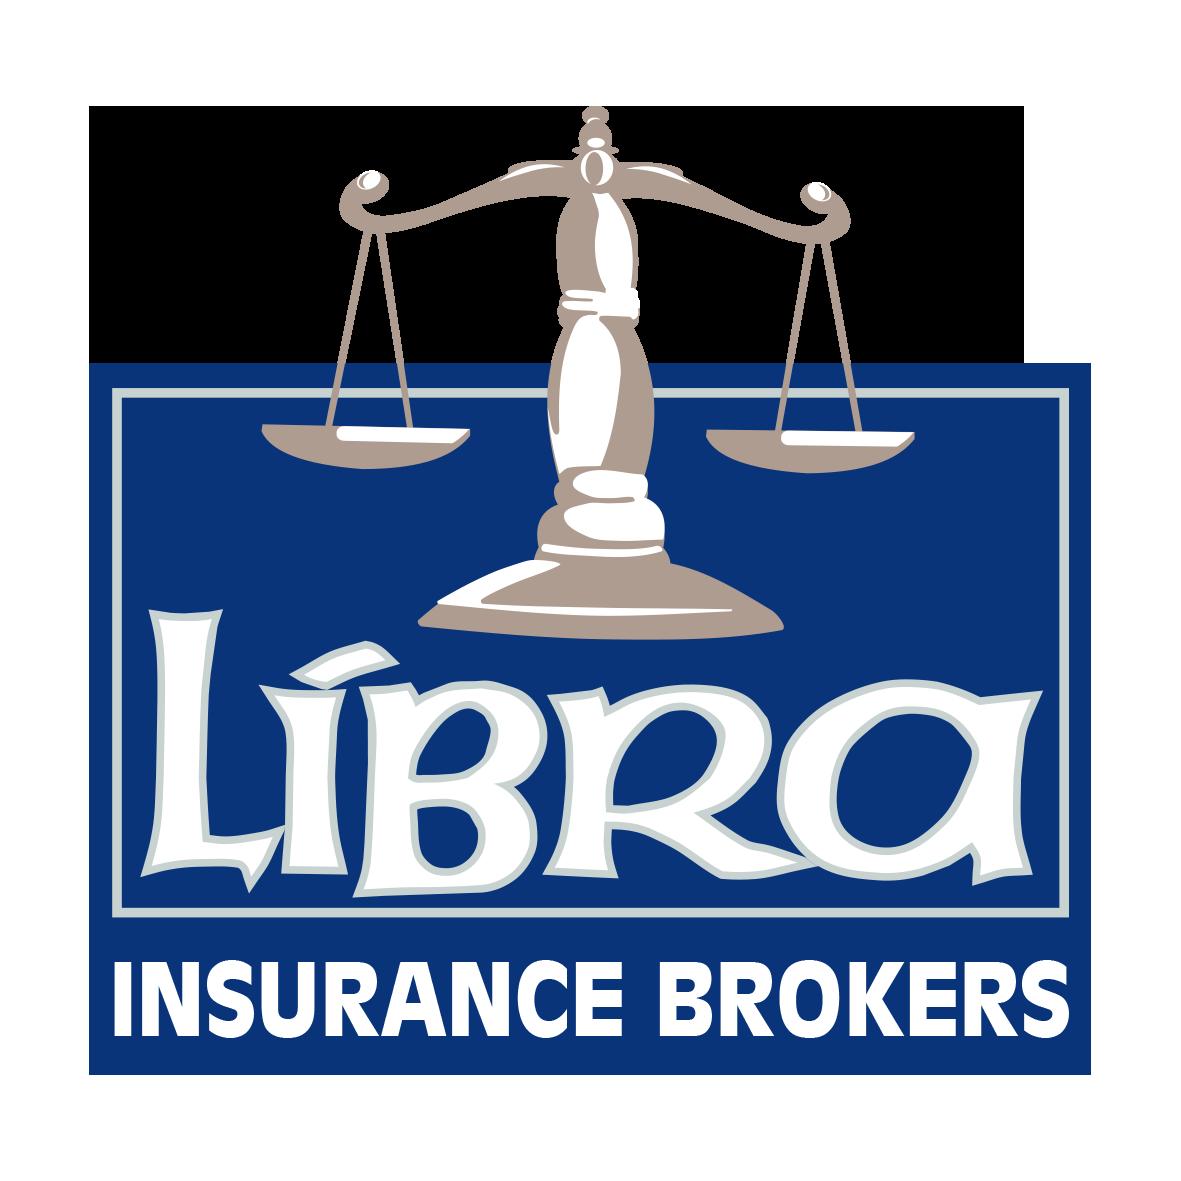 Libra Brokers